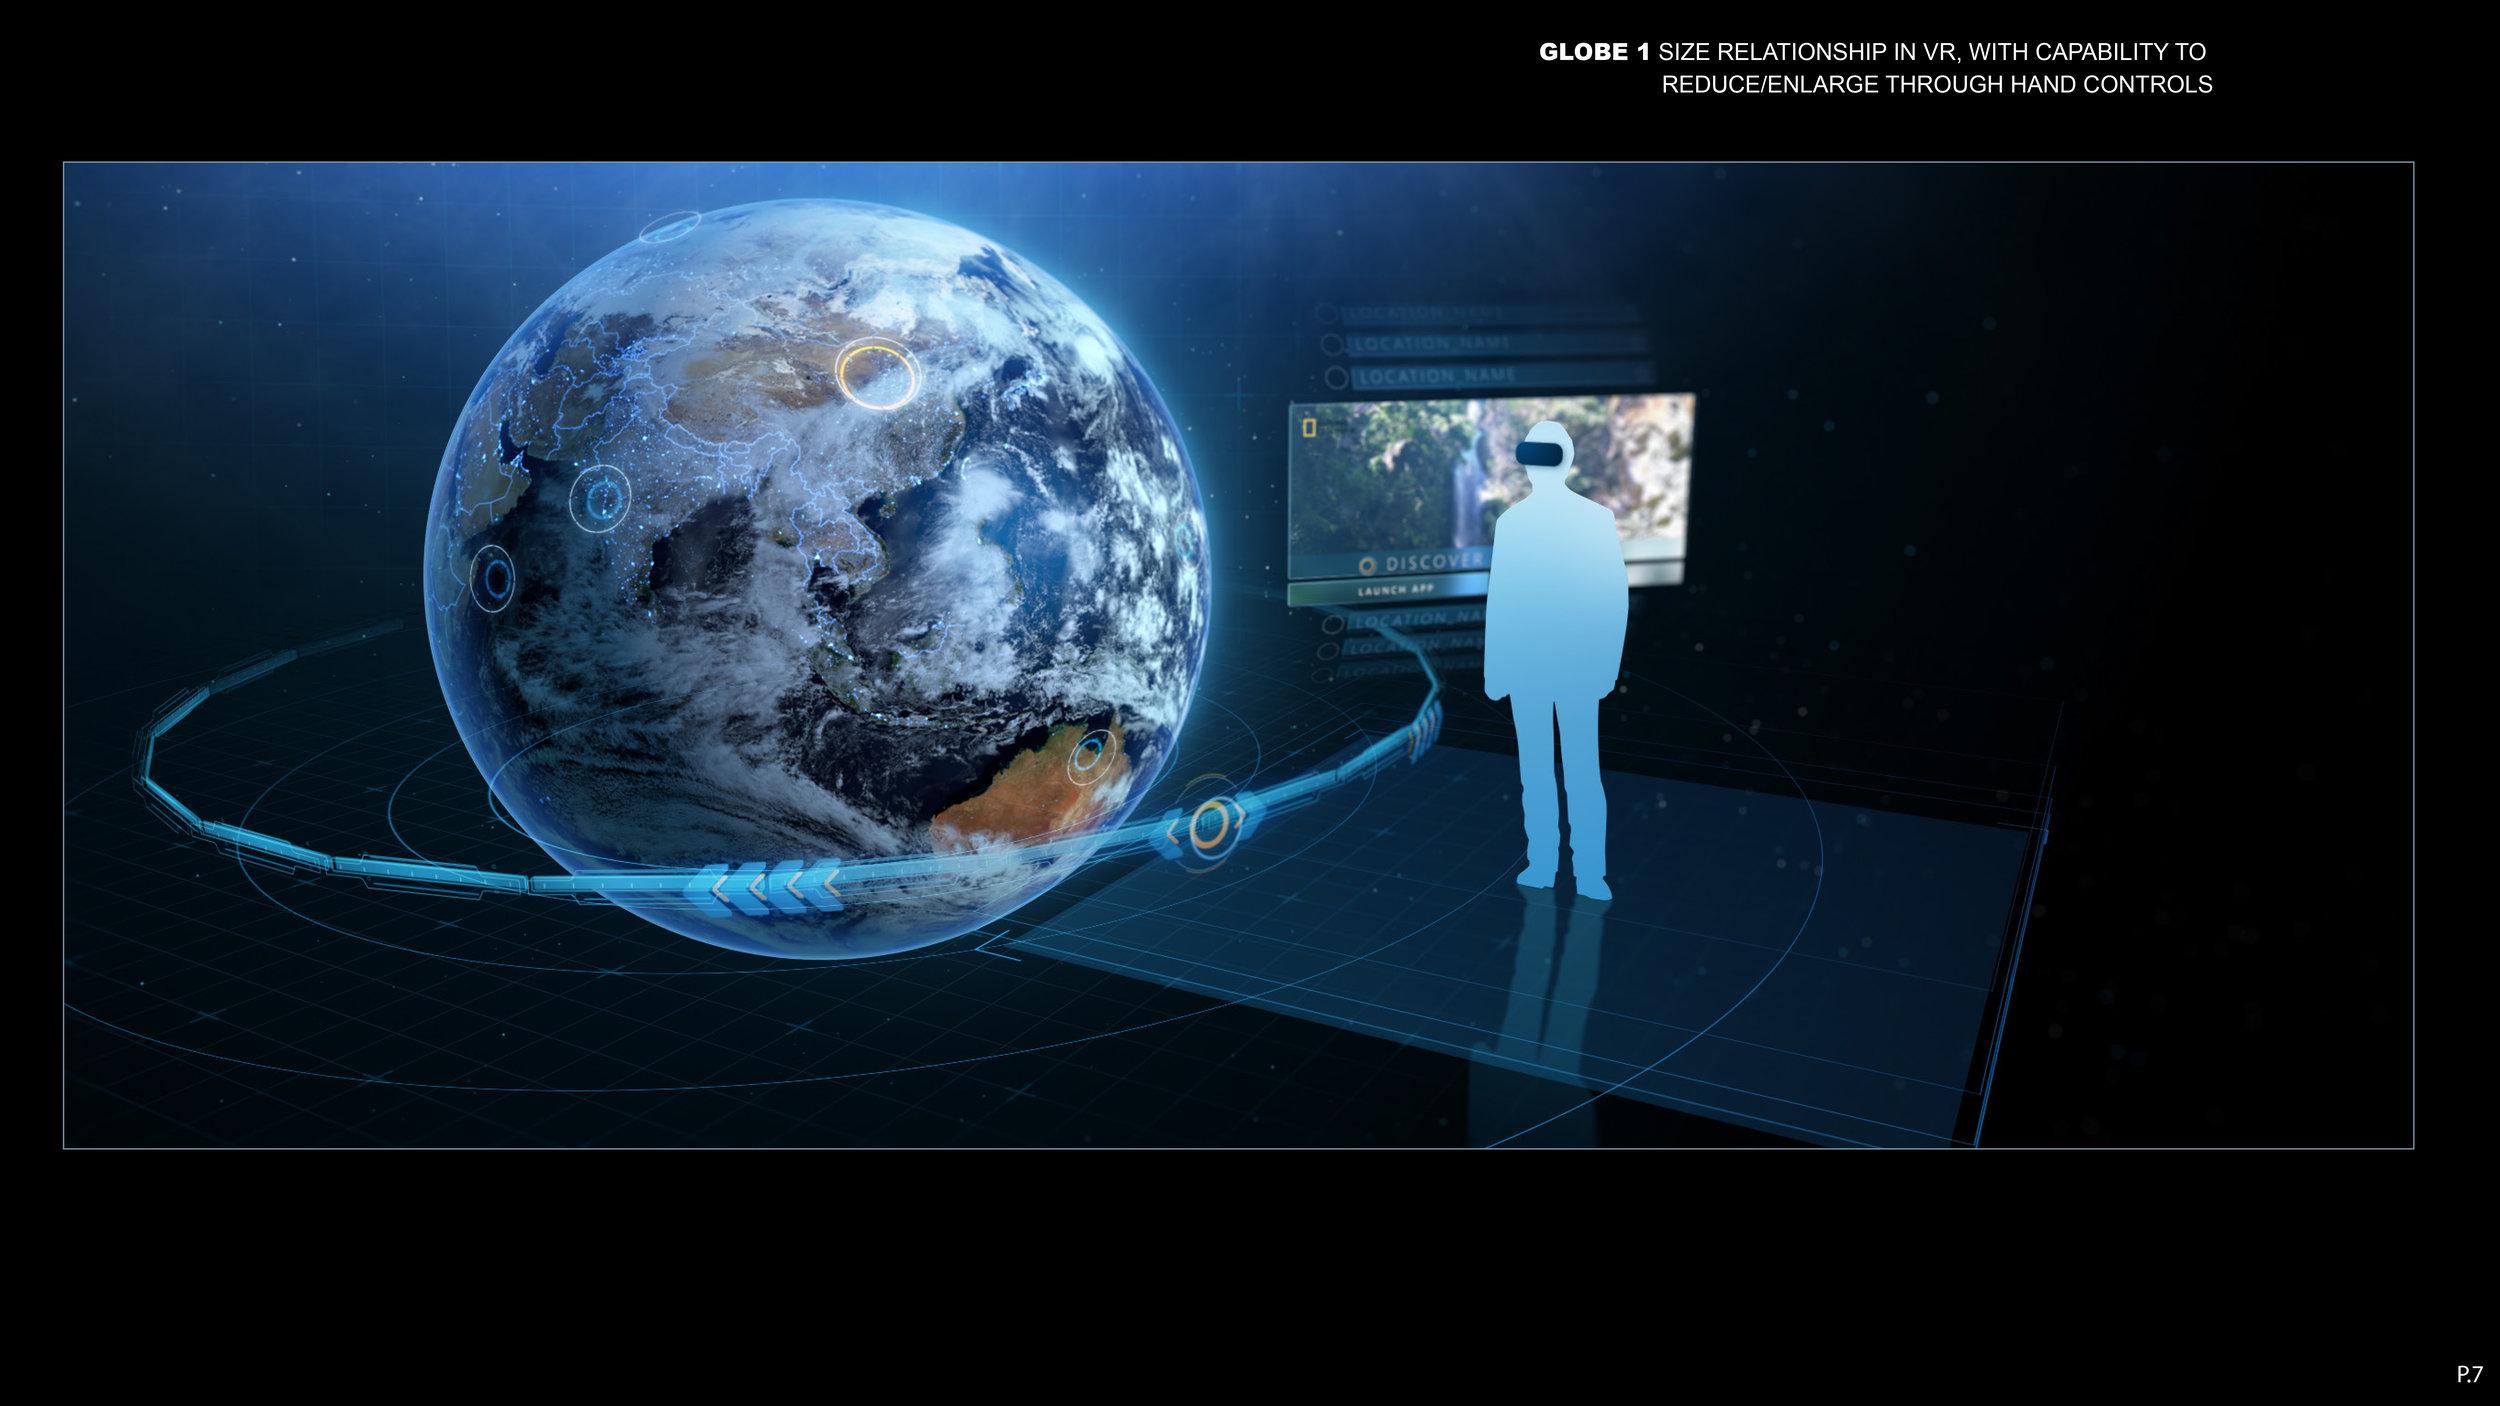 RFX_Oculus_GlobeVR_Concepts_v1_20160629-7.jpg